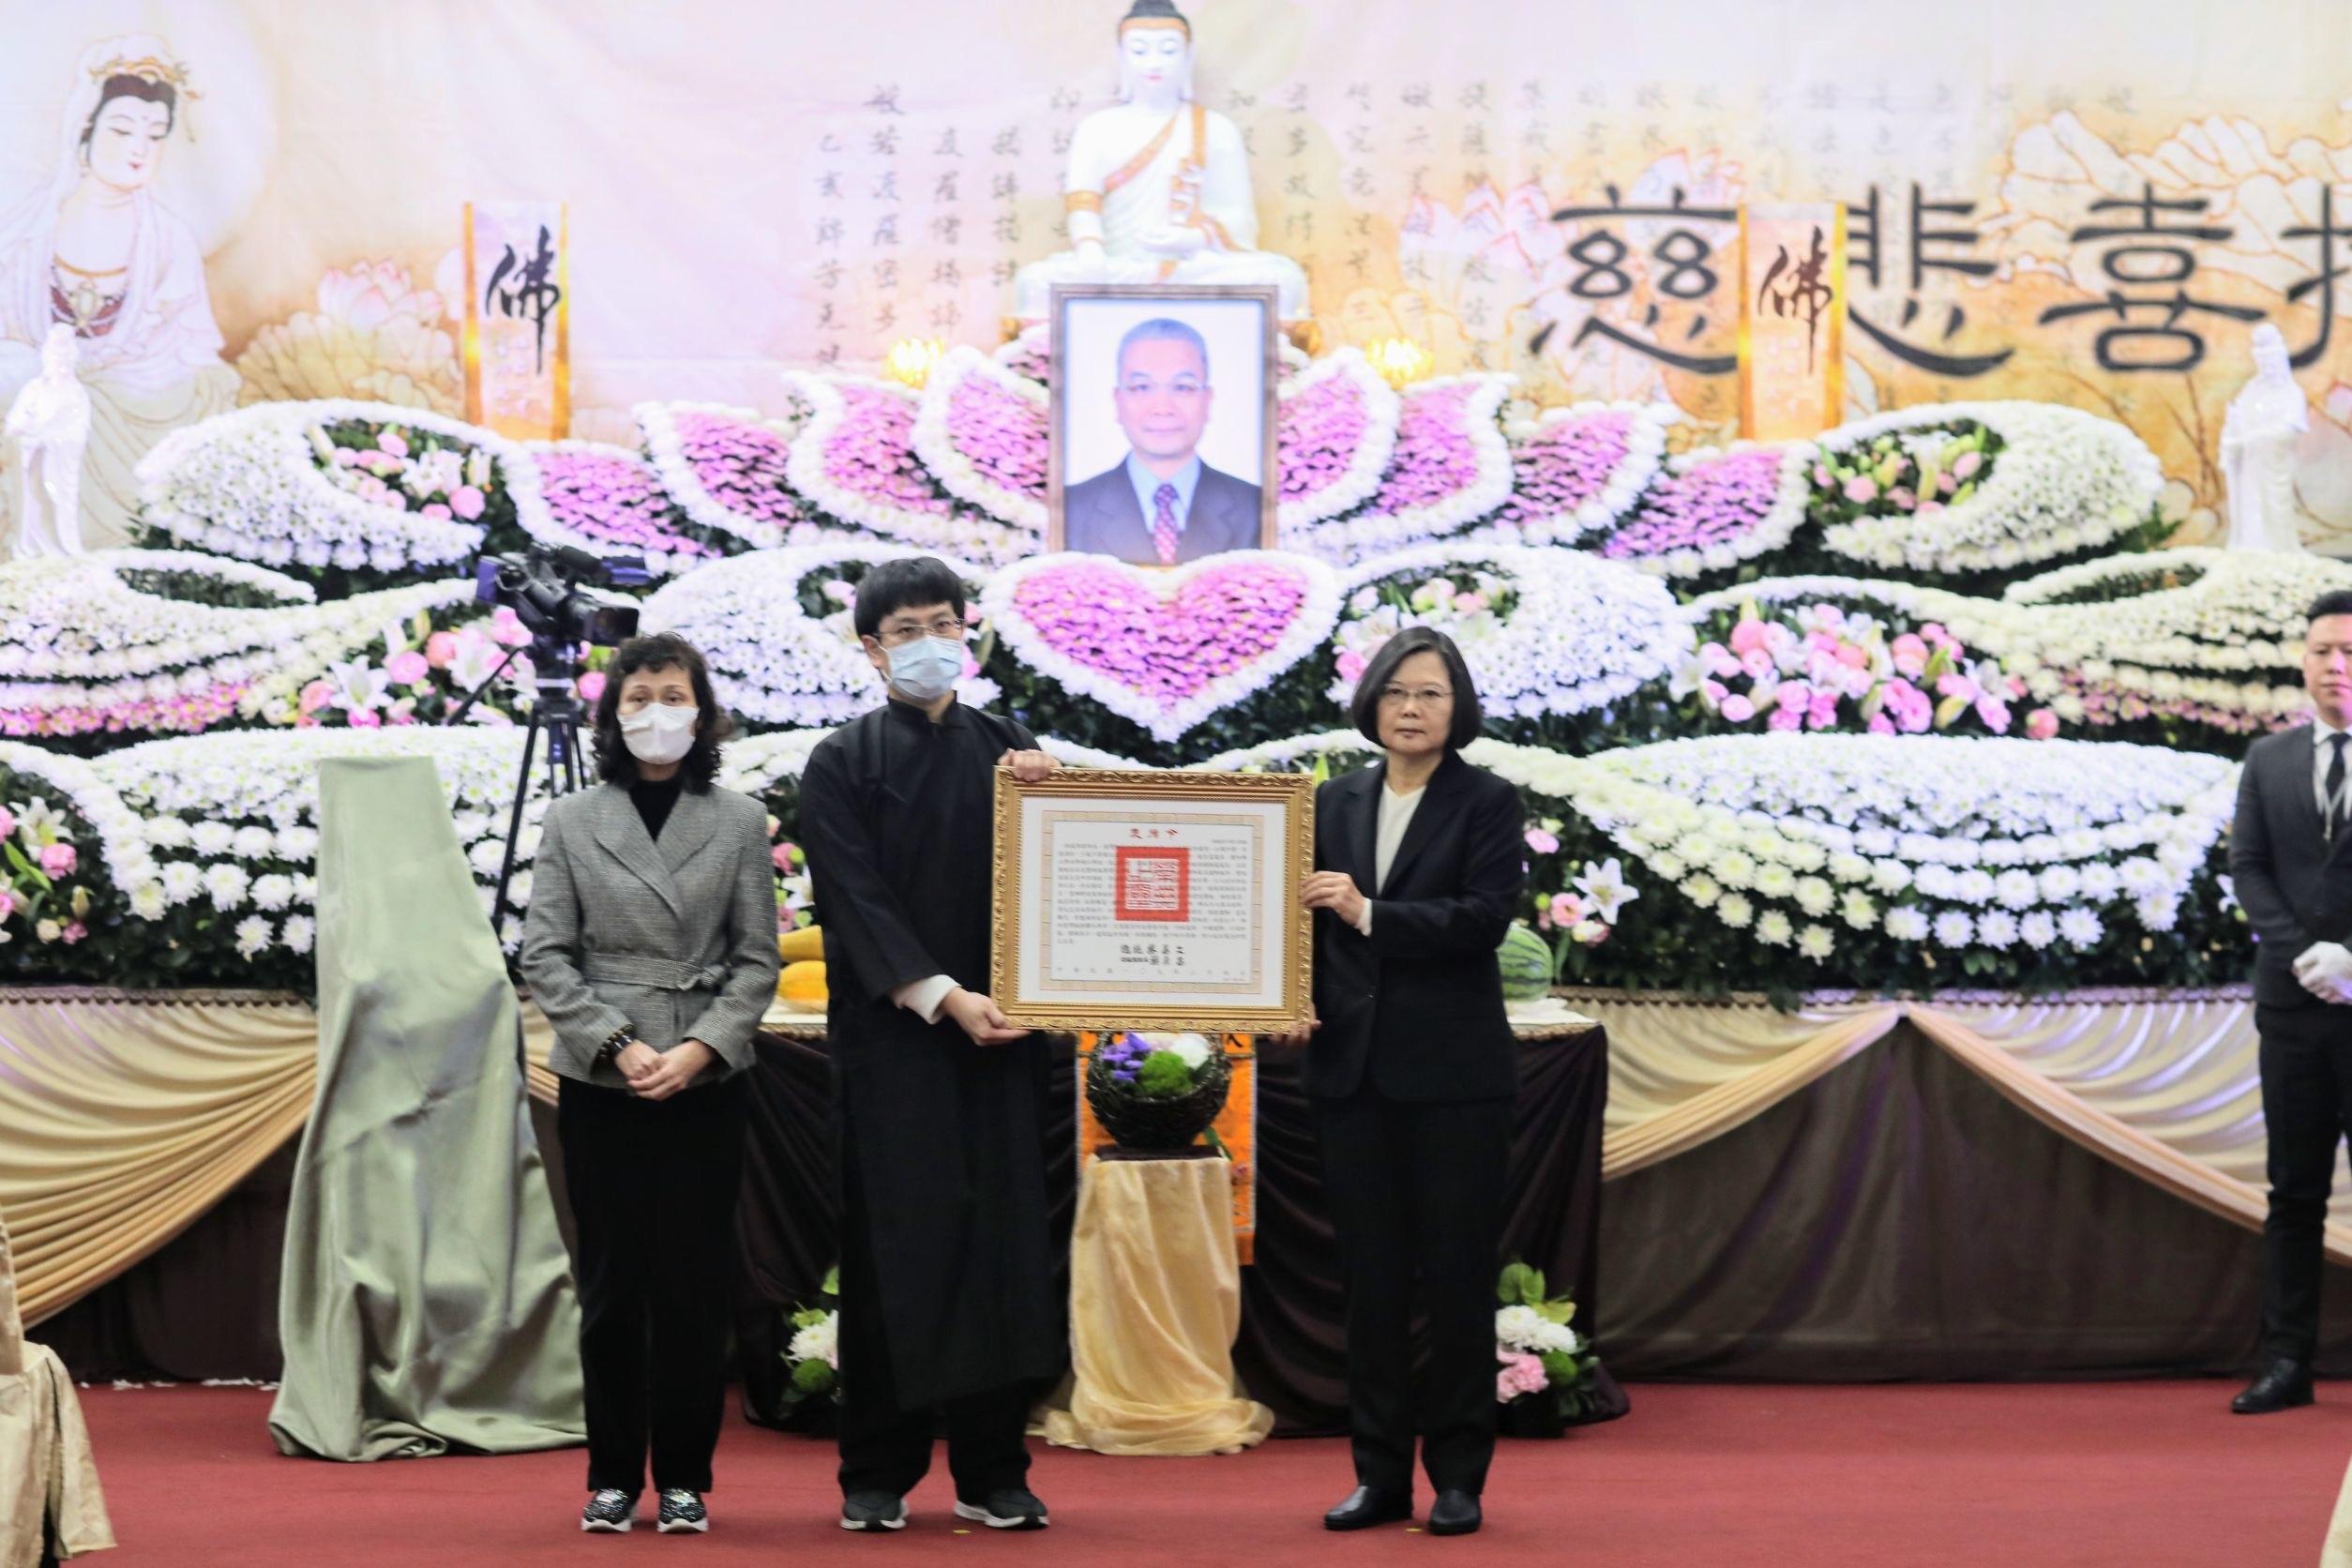 總統蔡英文親臨告別式頒發褒揚令。(照片來源:期交所提供)